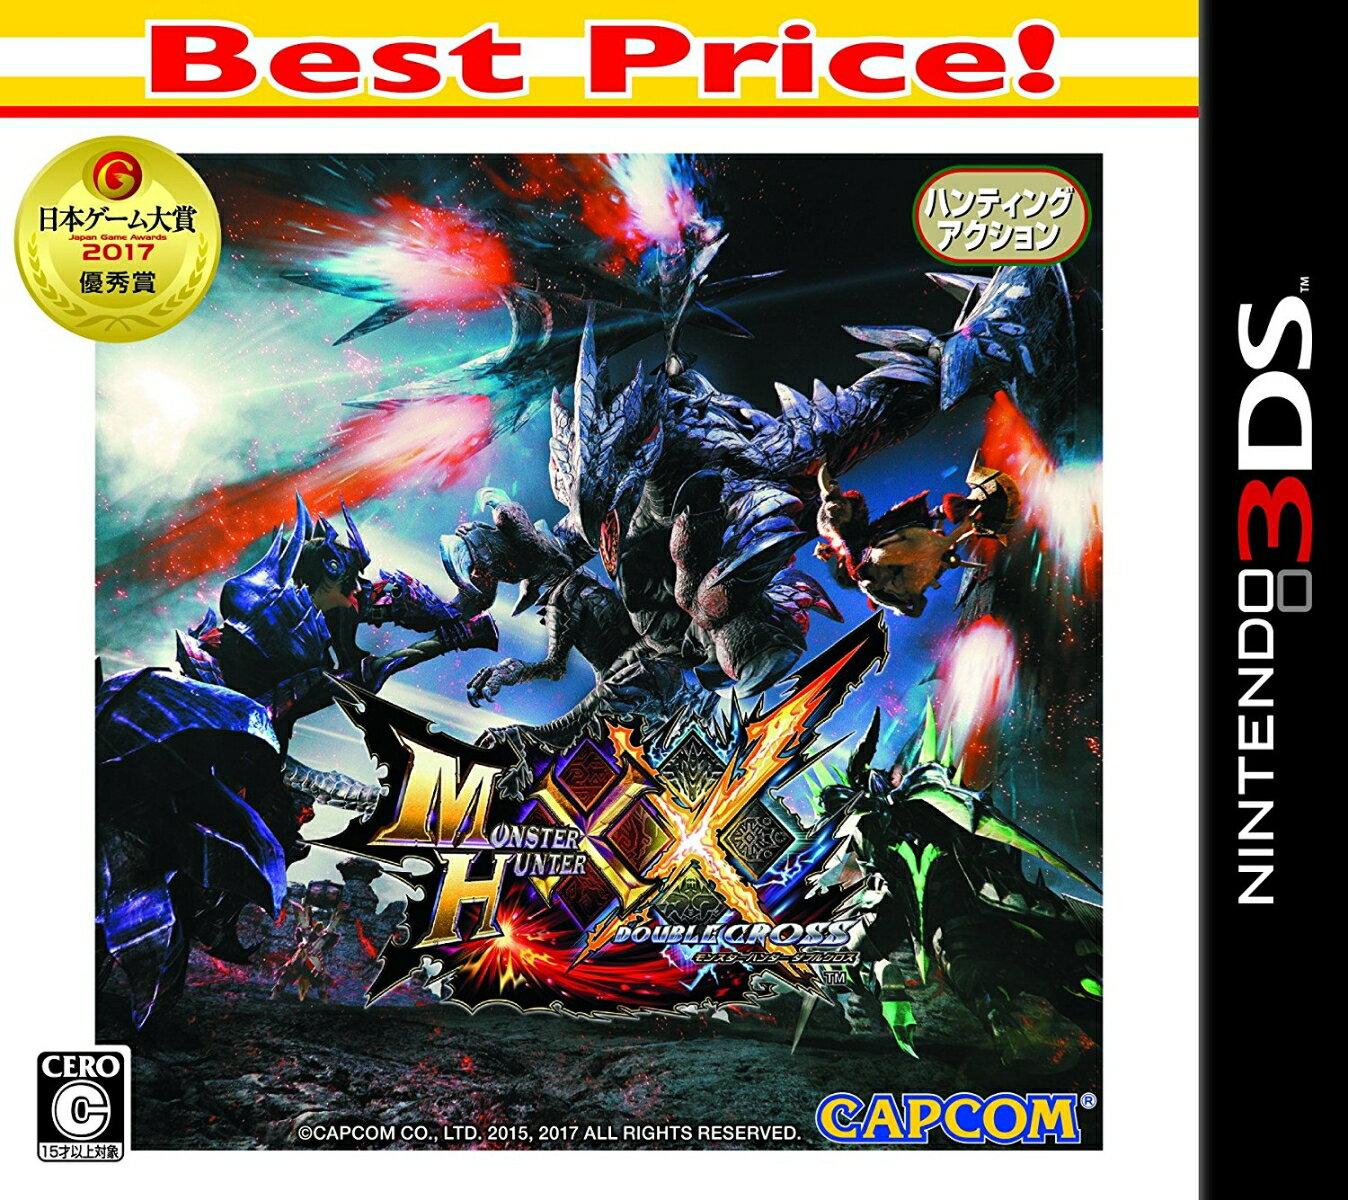 モンスターハンターダブルクロス Best Price!